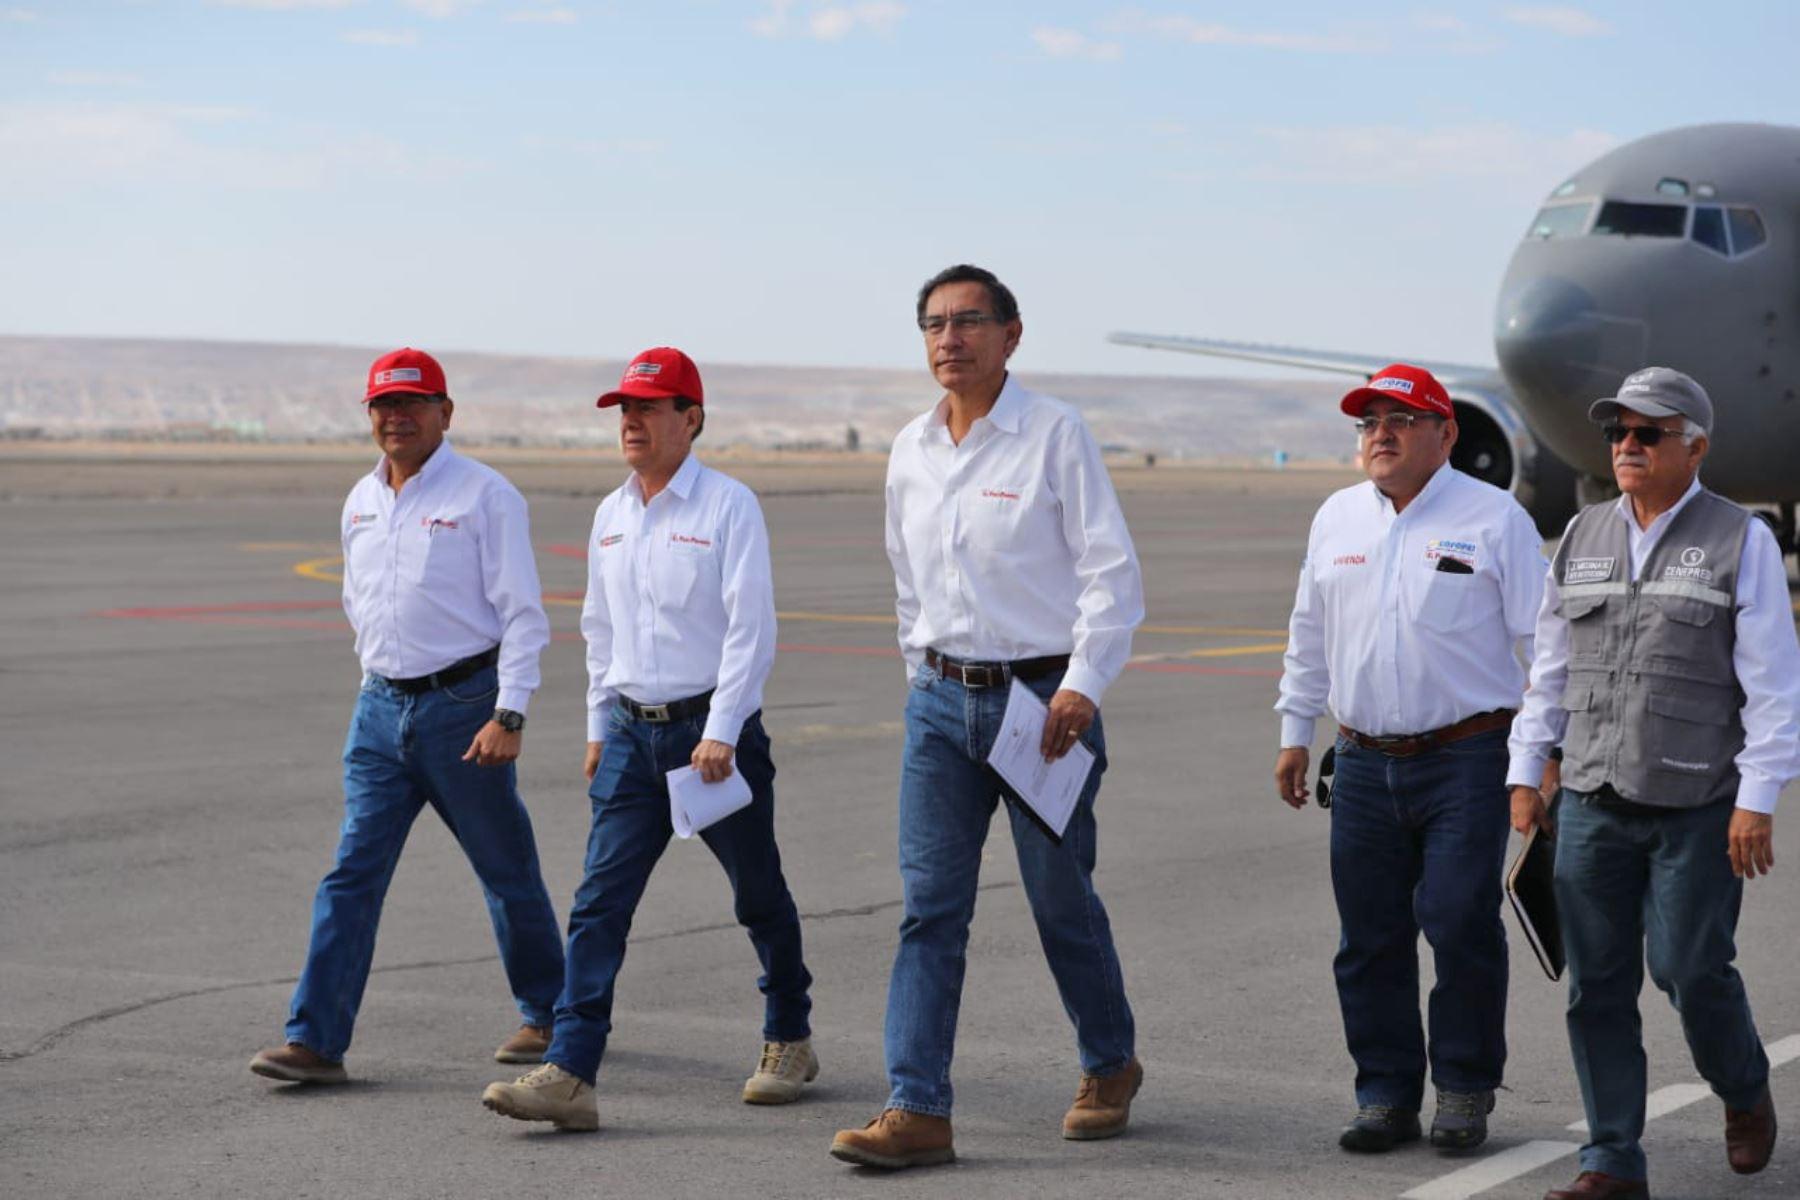 Presidente Martín Vizcarra llega a la región Tacna. Foto: ANDINA/ Prensa Presidencia